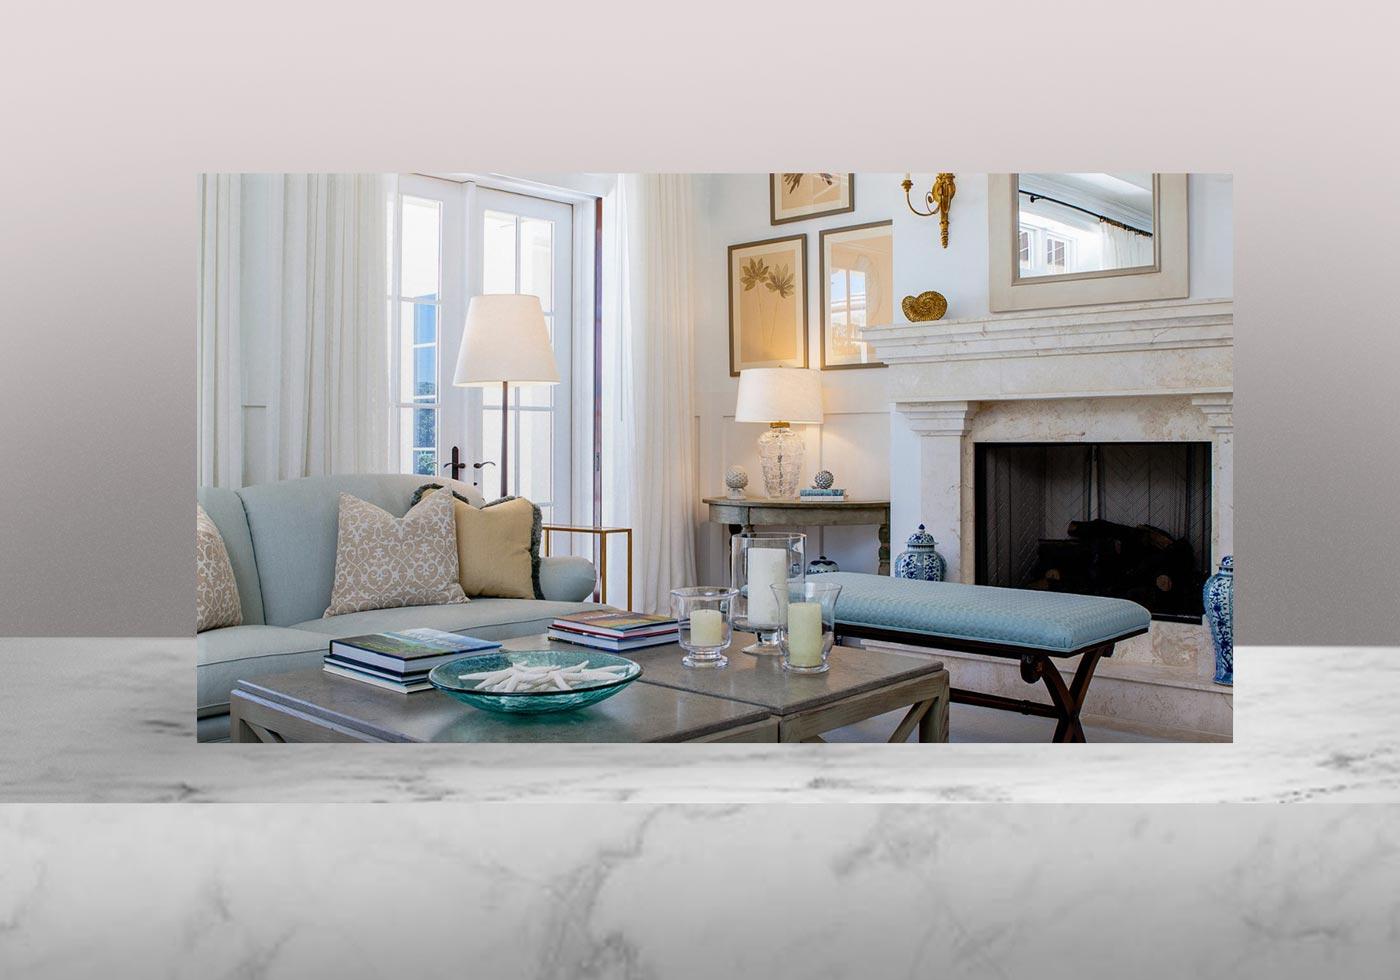 lighting interior design 6 - روش مختلف افزایش کاربرد نور خورشید در فضای داخلی